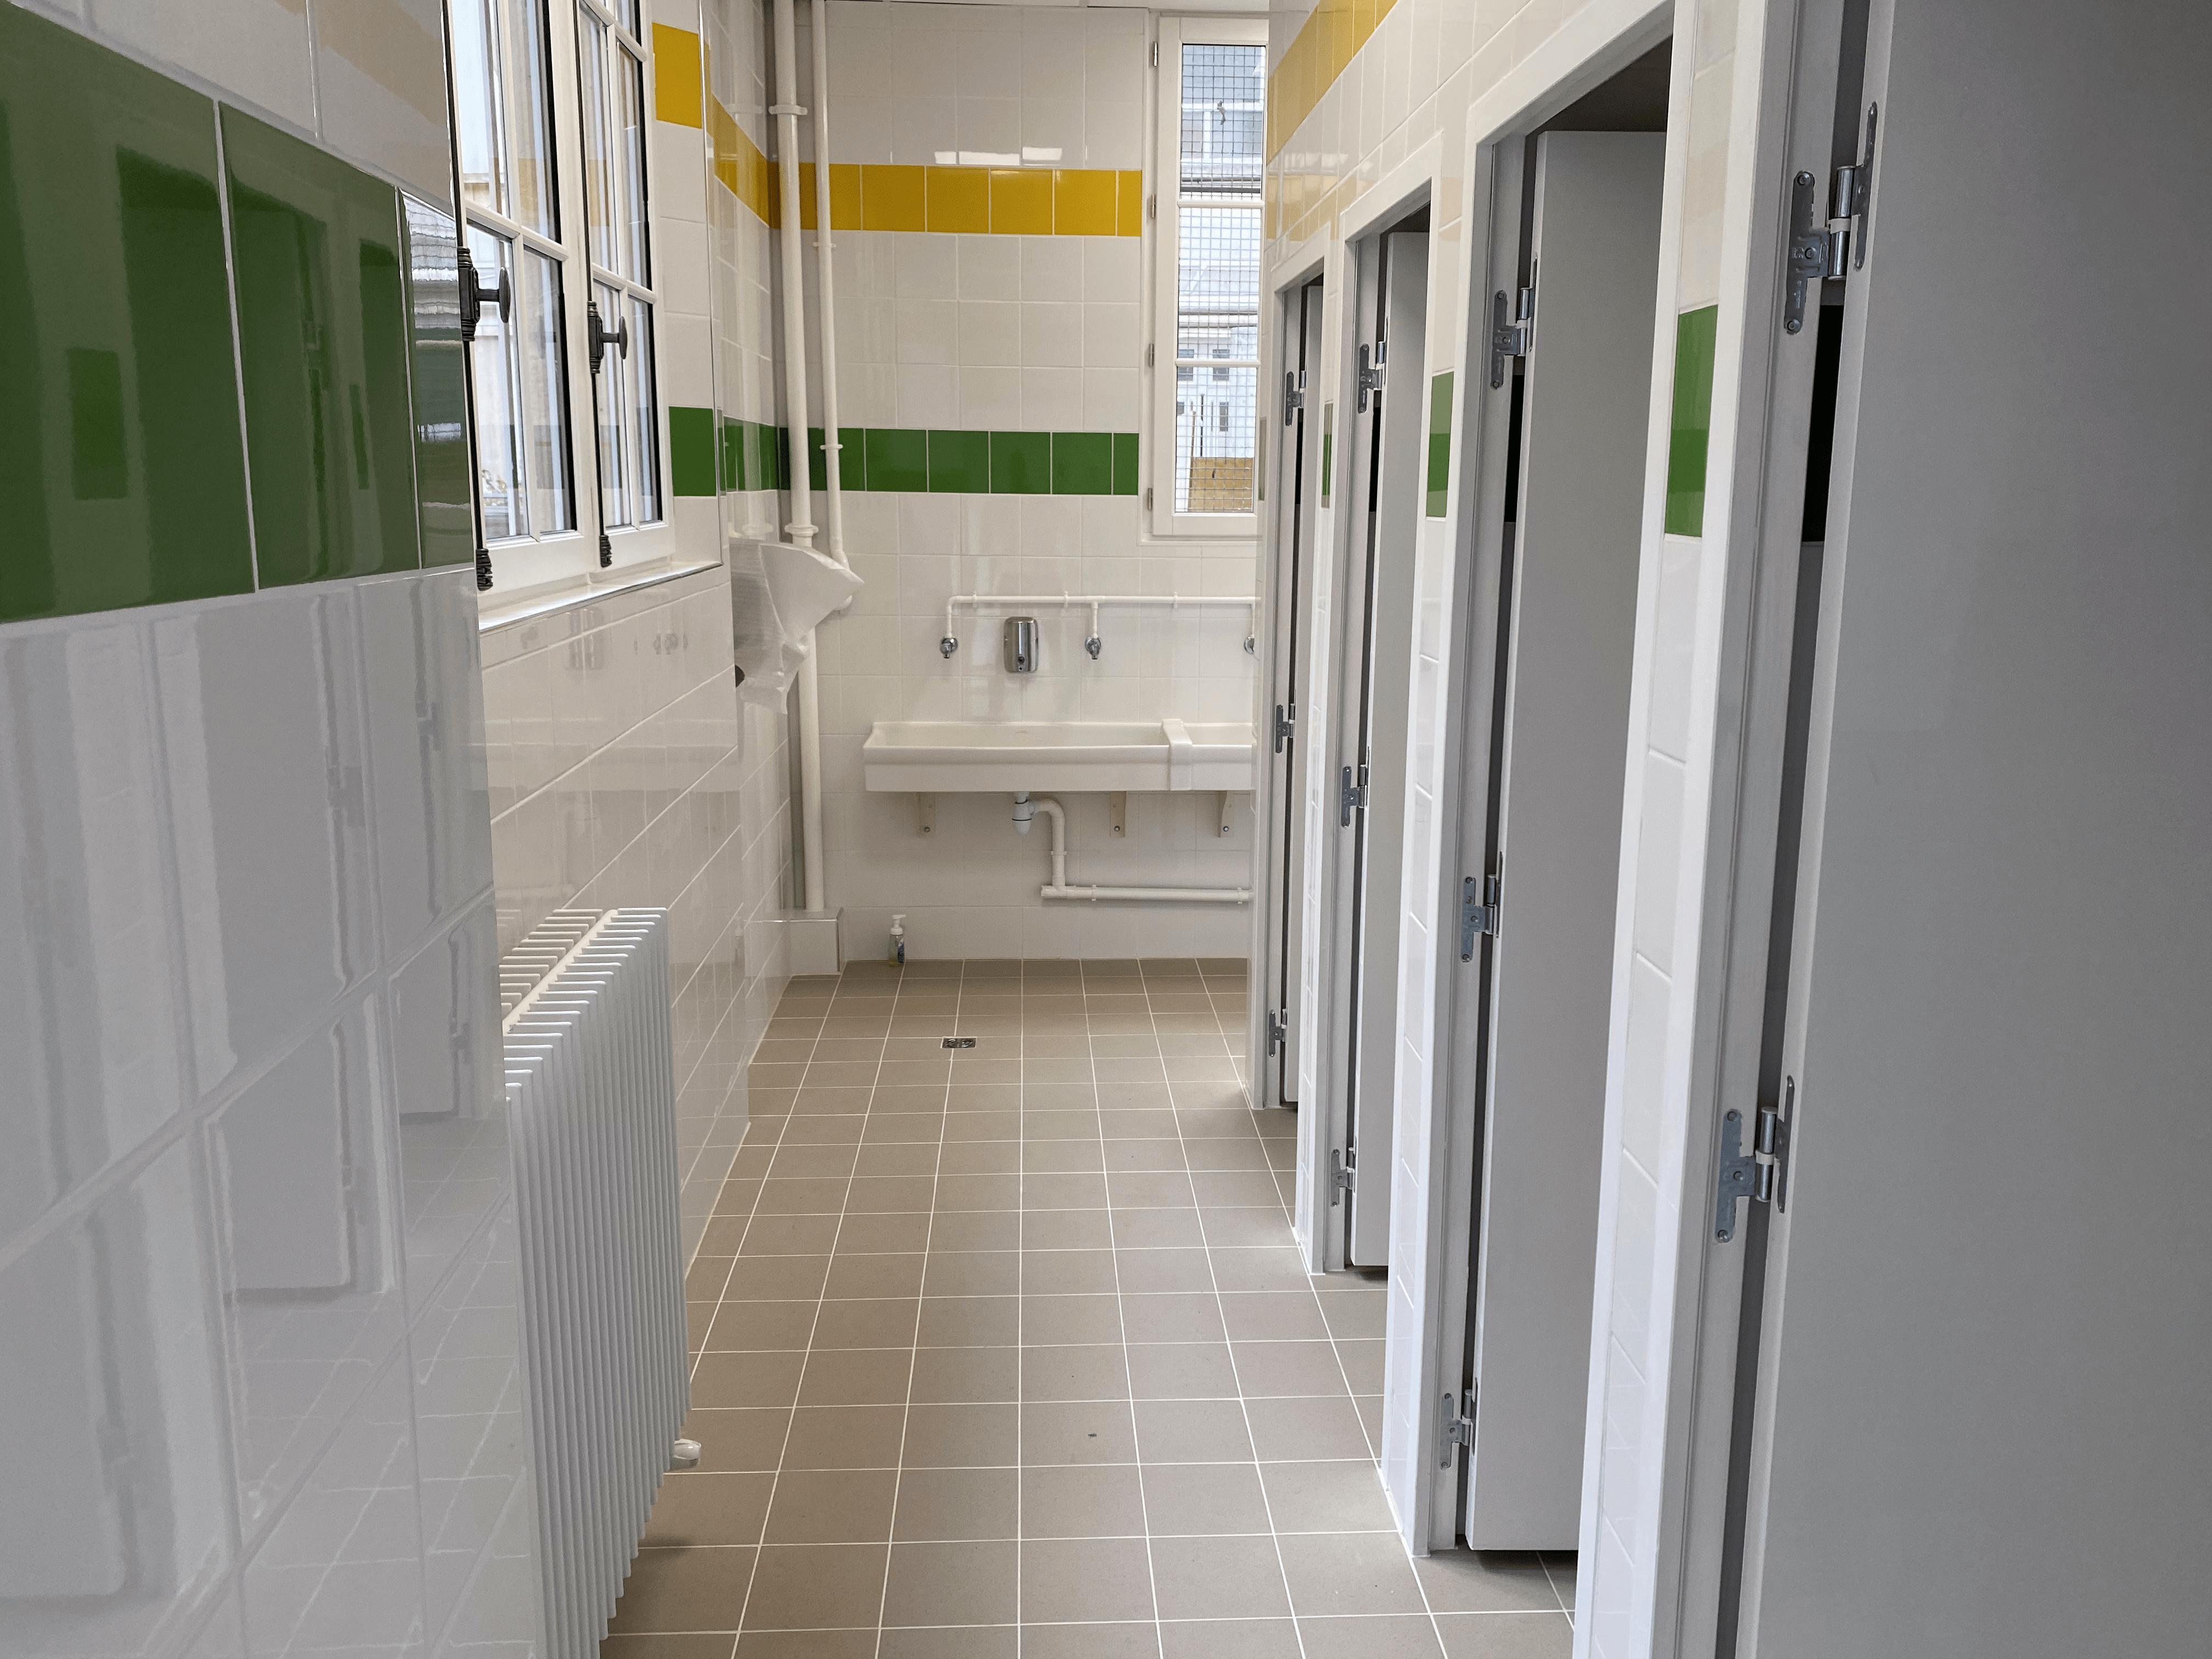 Références - Sanitaires d'une école